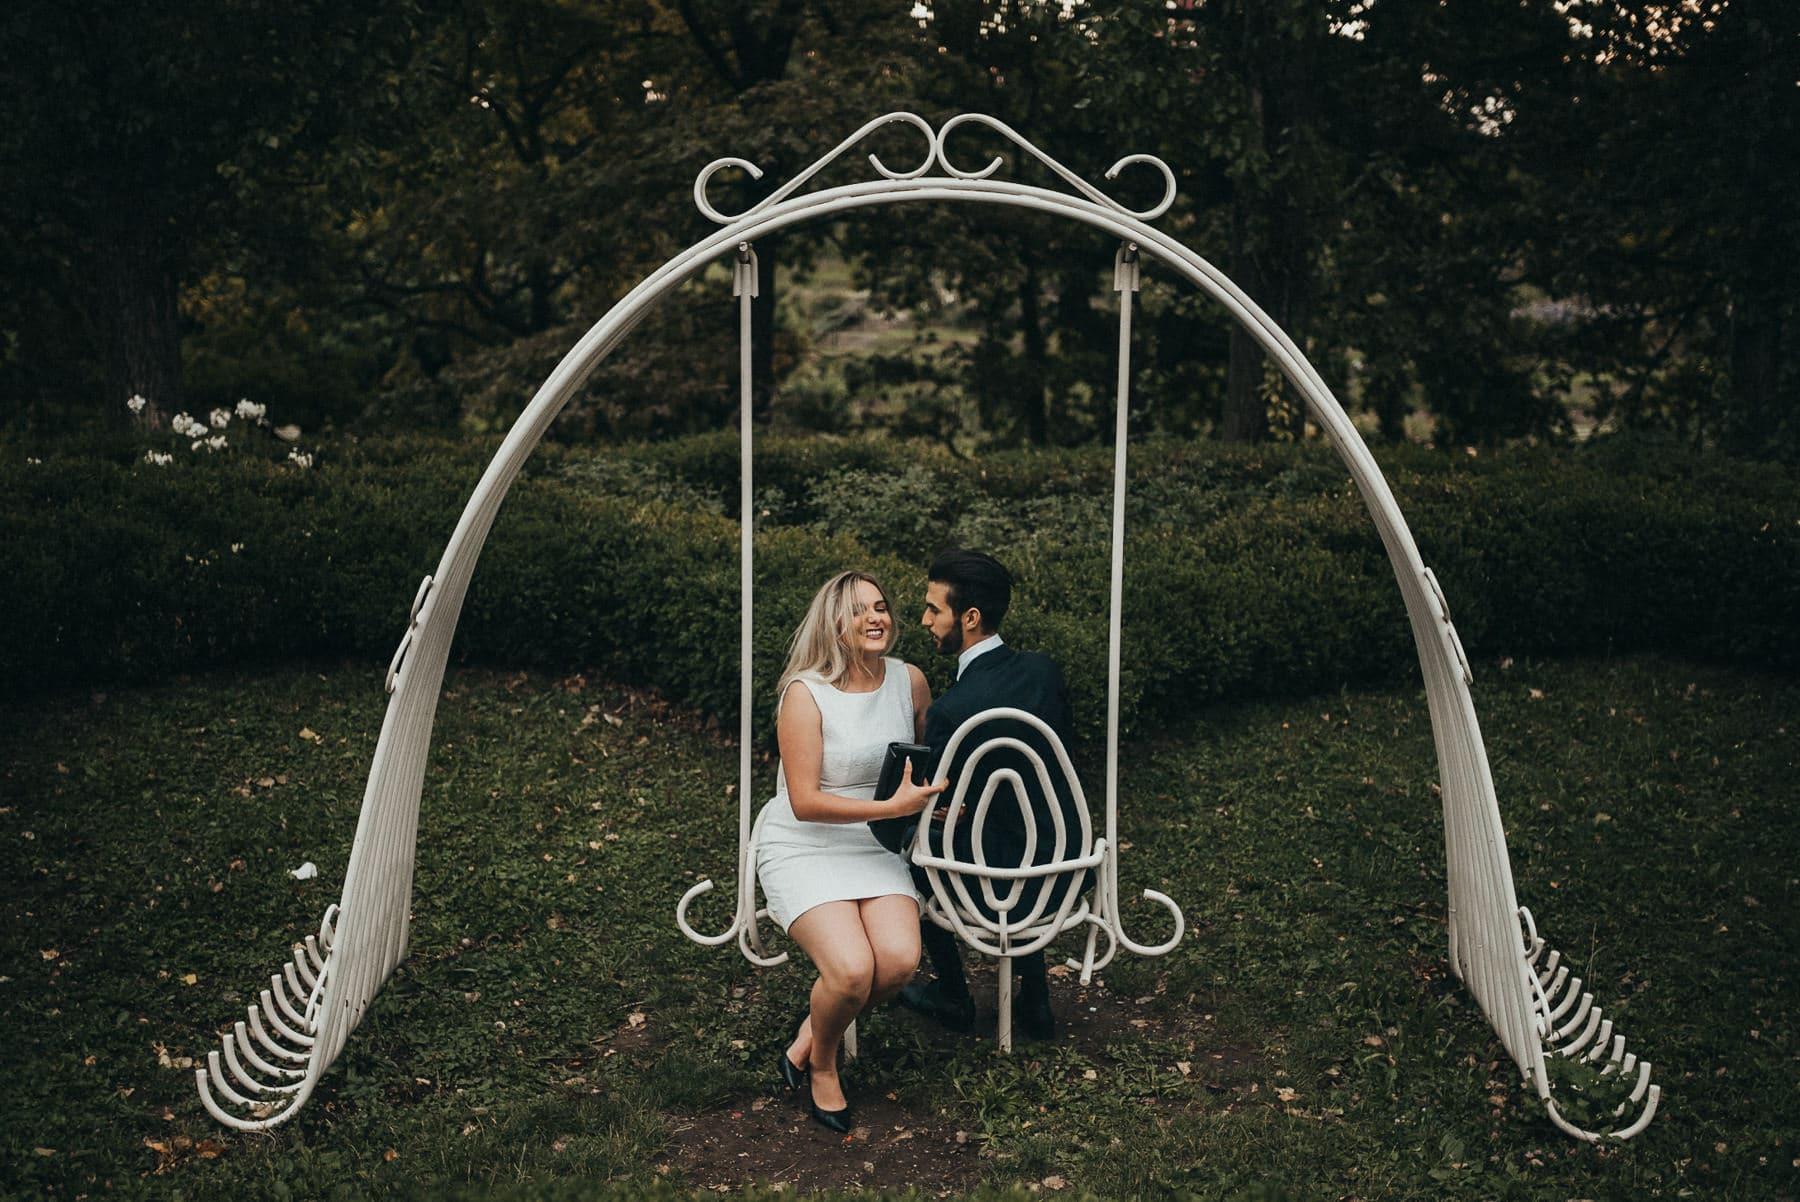 Wedding photographer Kurpark Oberlaa Vienna Austria